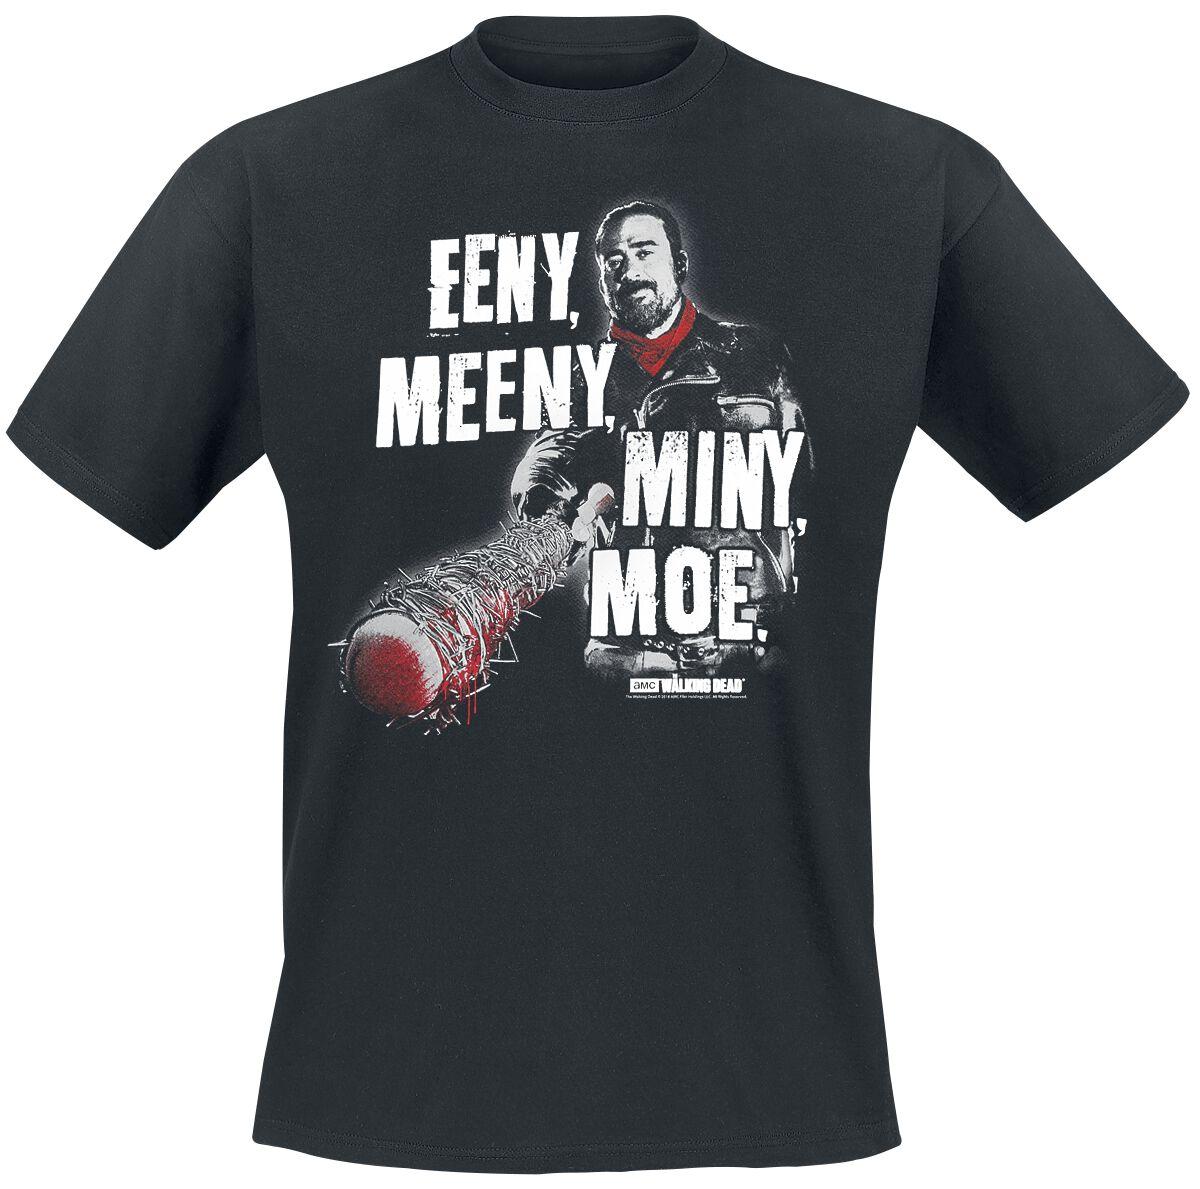 Image of   The Walking Dead Negan - Eeny Meeny Miny Moe T-Shirt sort